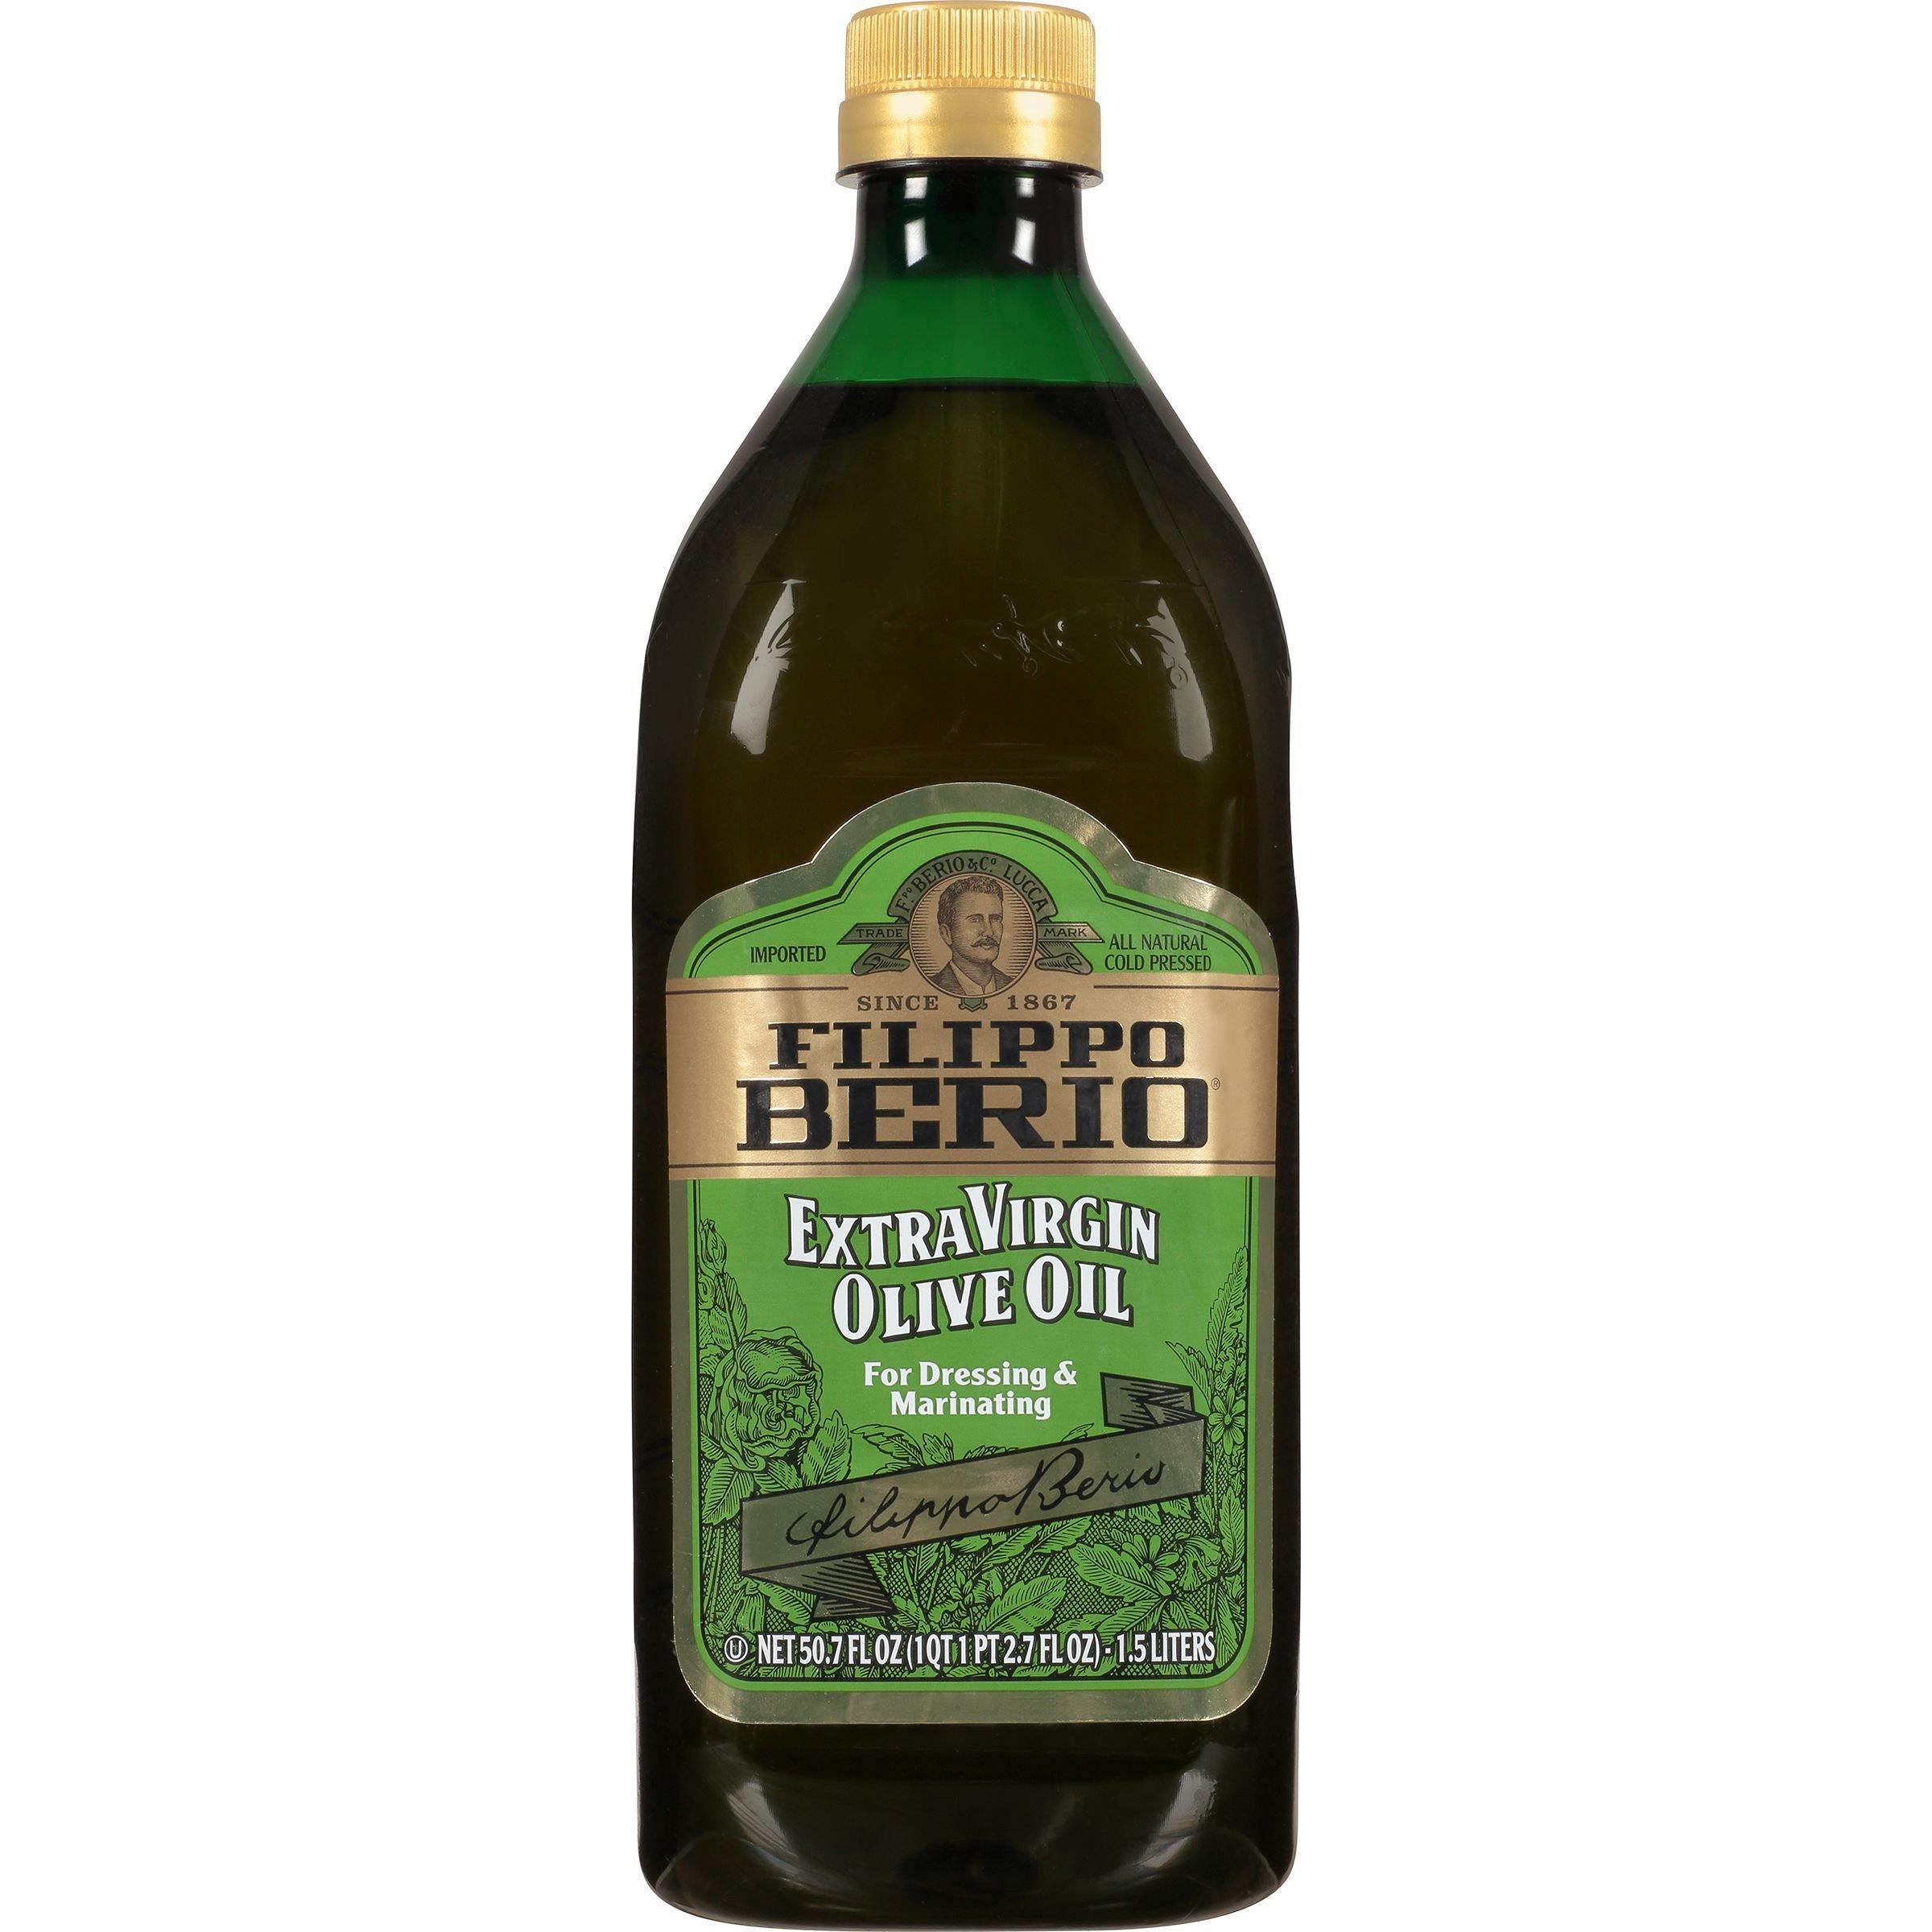 Filippo Berio Extra Virgin Olive Oil, 50.7 Ounce by Filippo Berio (Image #1)